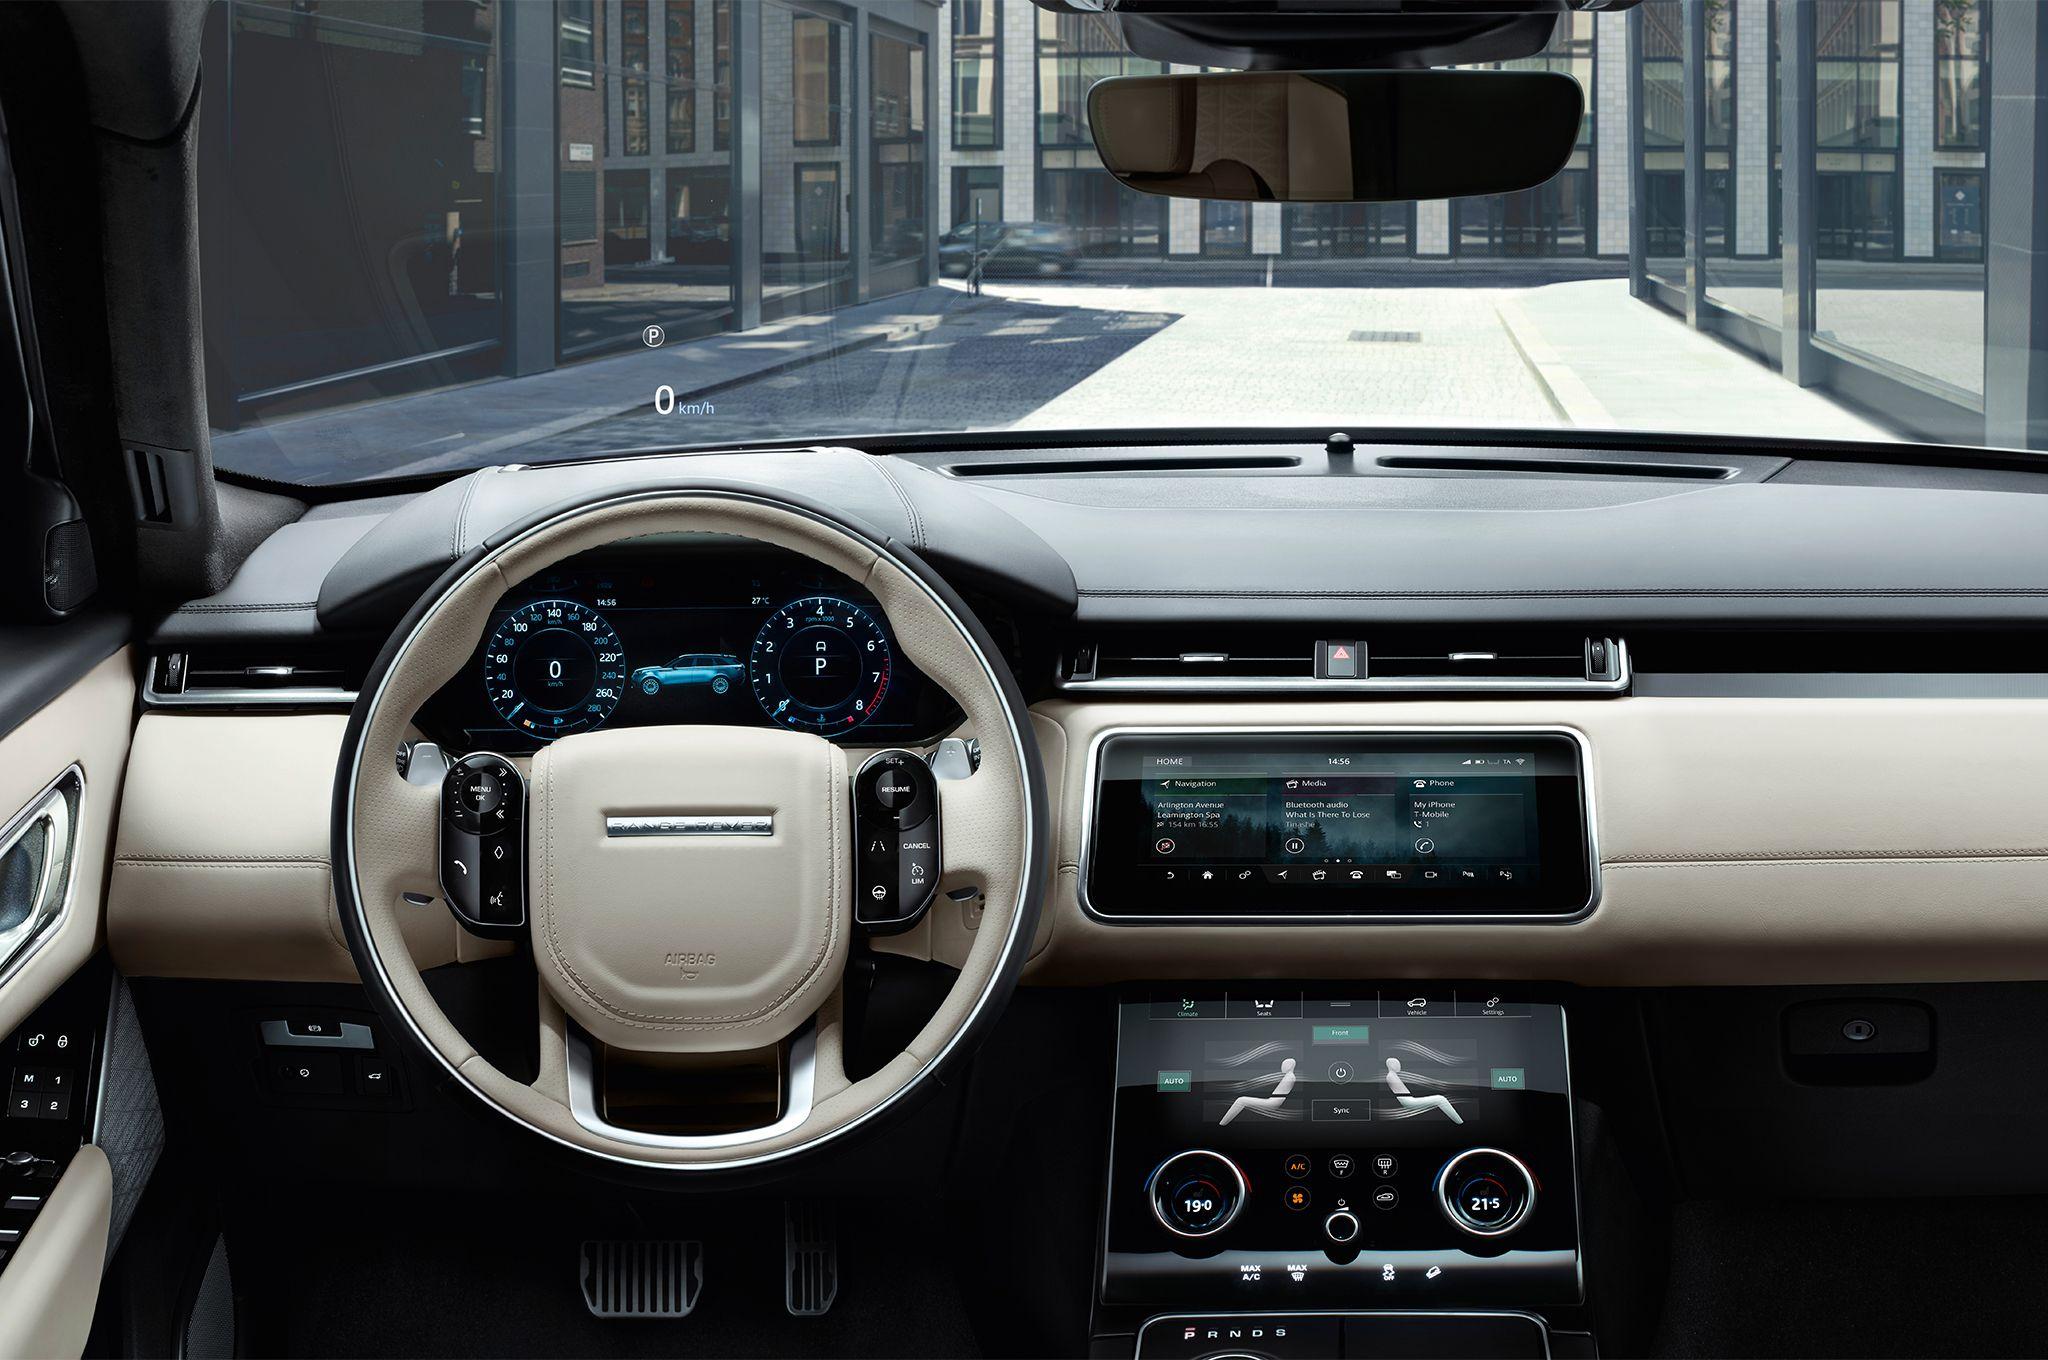 Like The Range Rover Evoque The Stunning Velar Looks Like It S